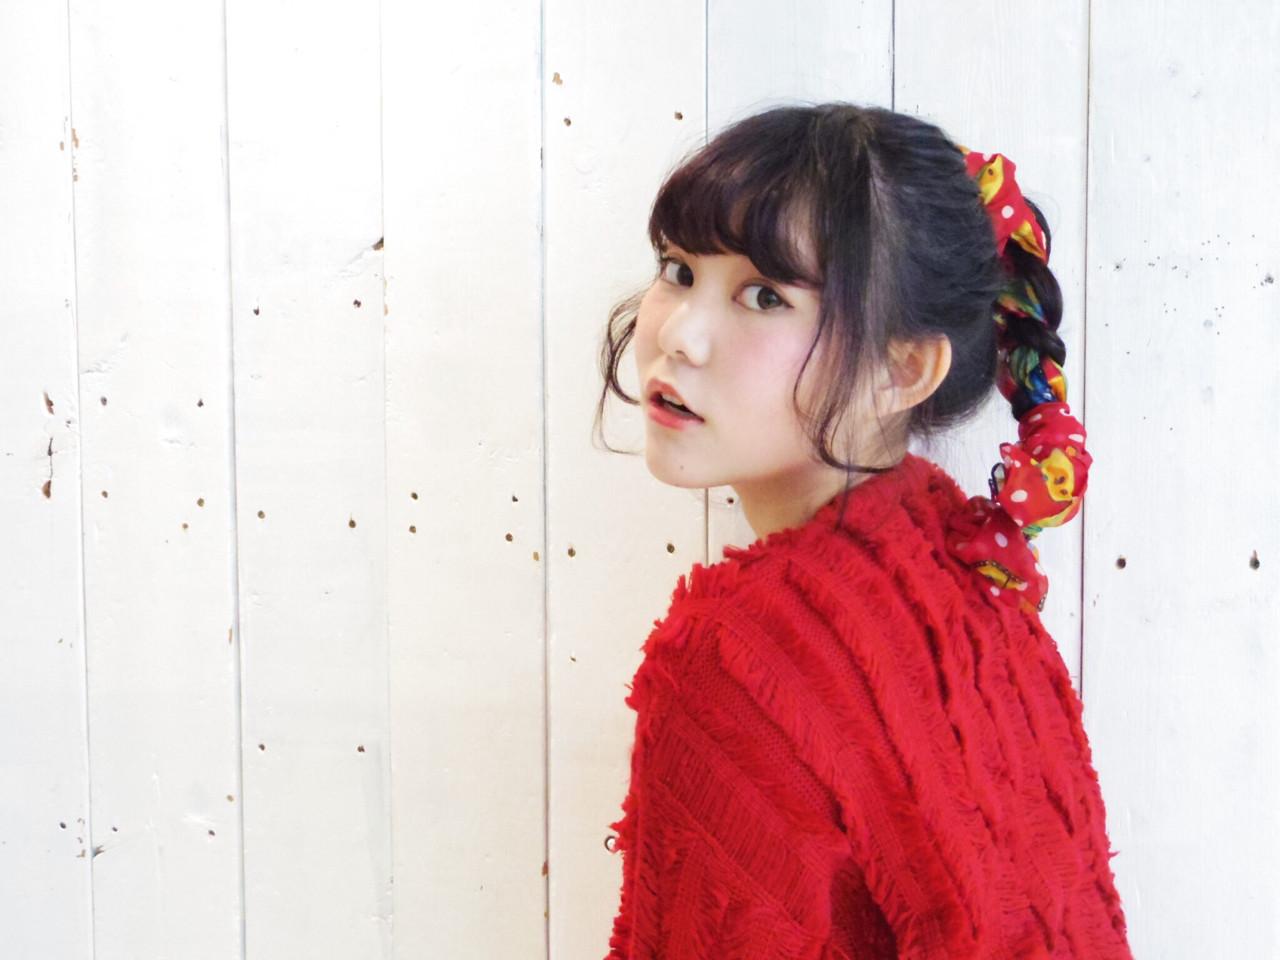 スカーフを合わせて目を引くヘアアレンジに Namika Kitamura